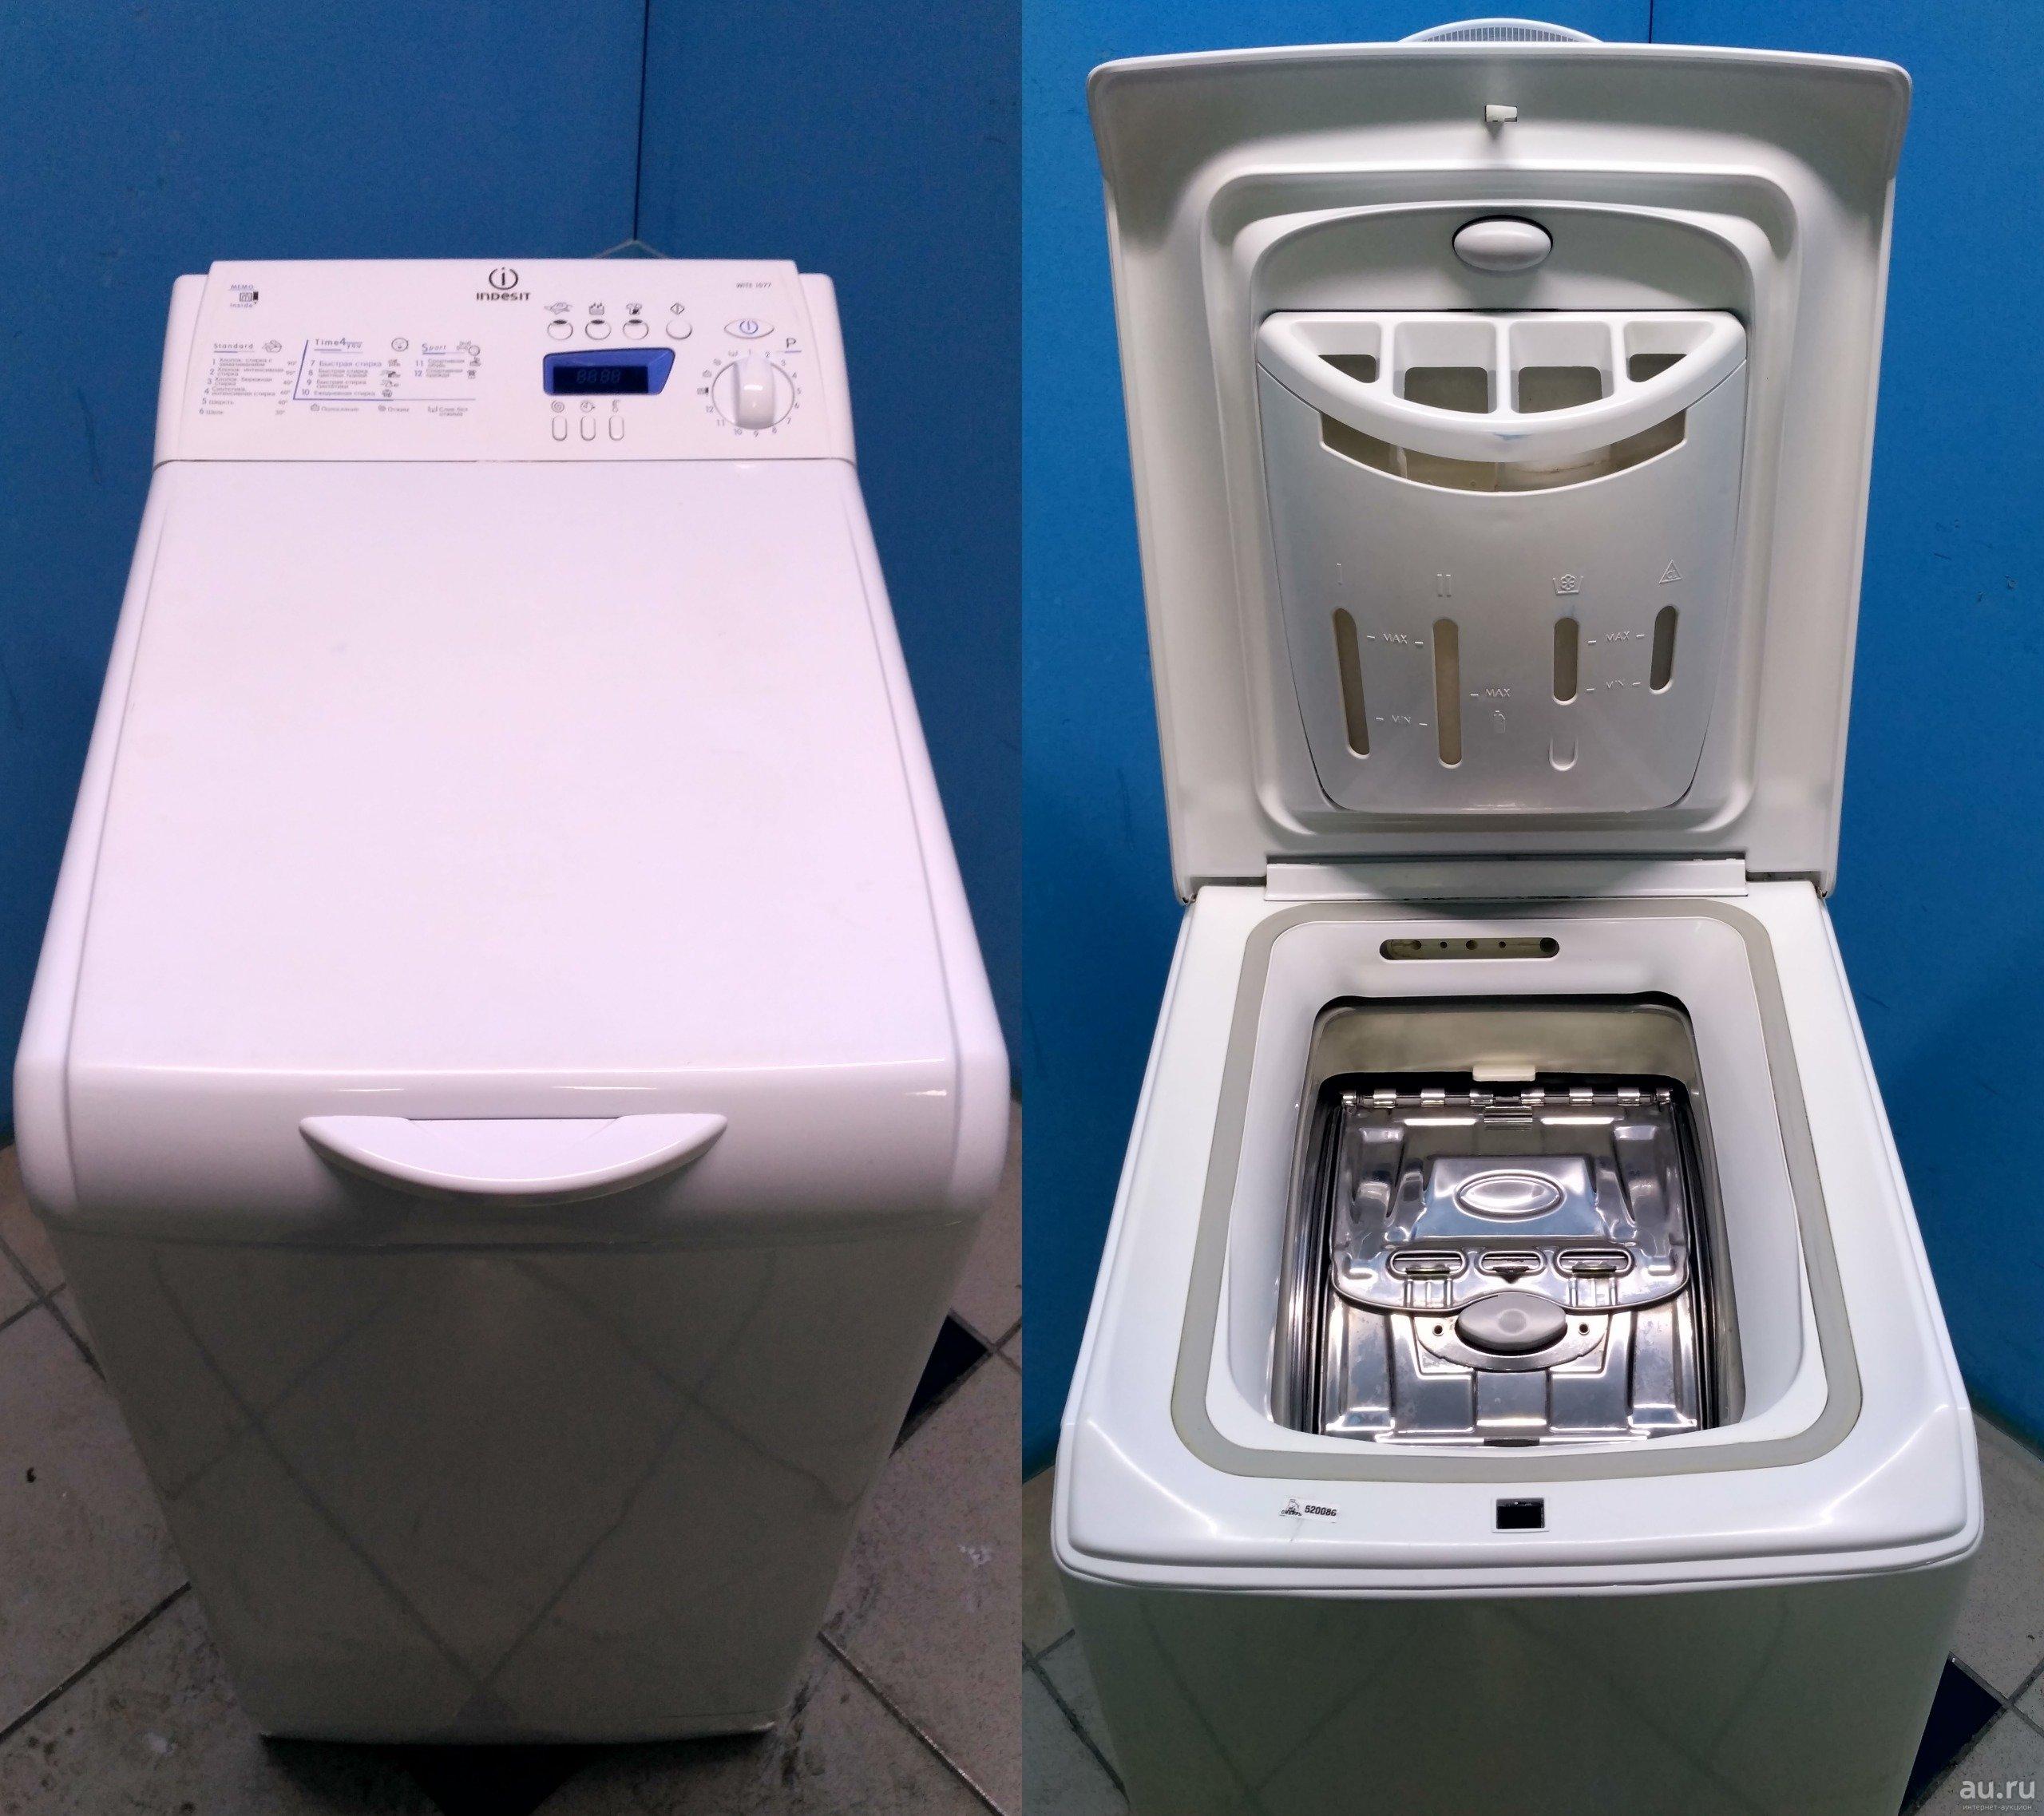 Какая стиральная машинка лучше: с вертикальной или фронтальной загрузкой